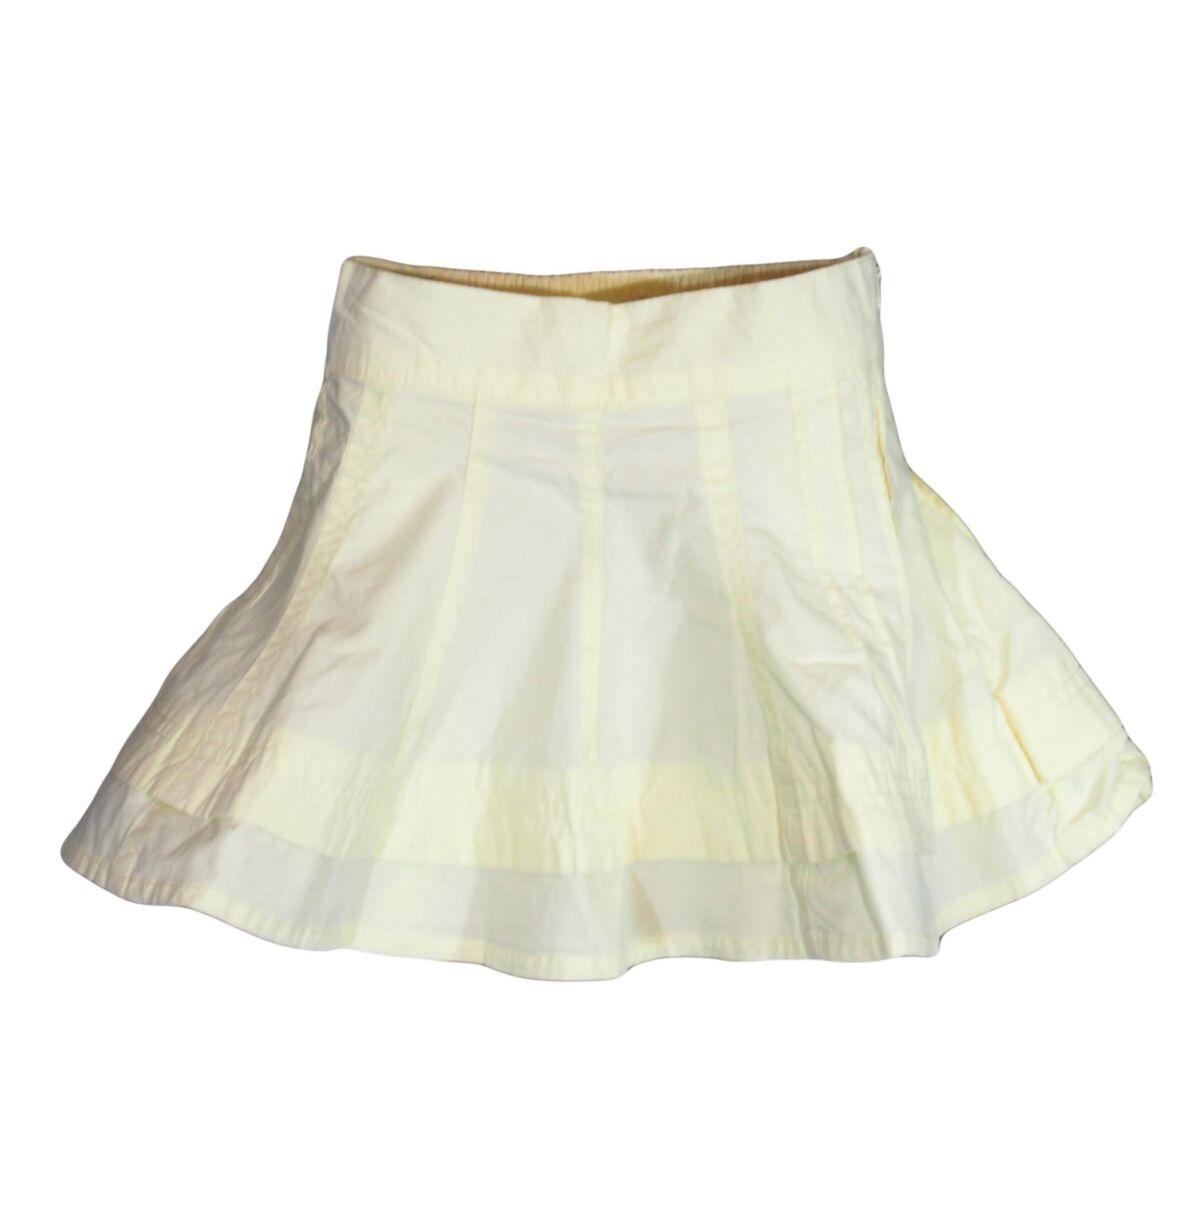 8b4cb96560 Lány ruhák - Új Gyerekruha Webshop